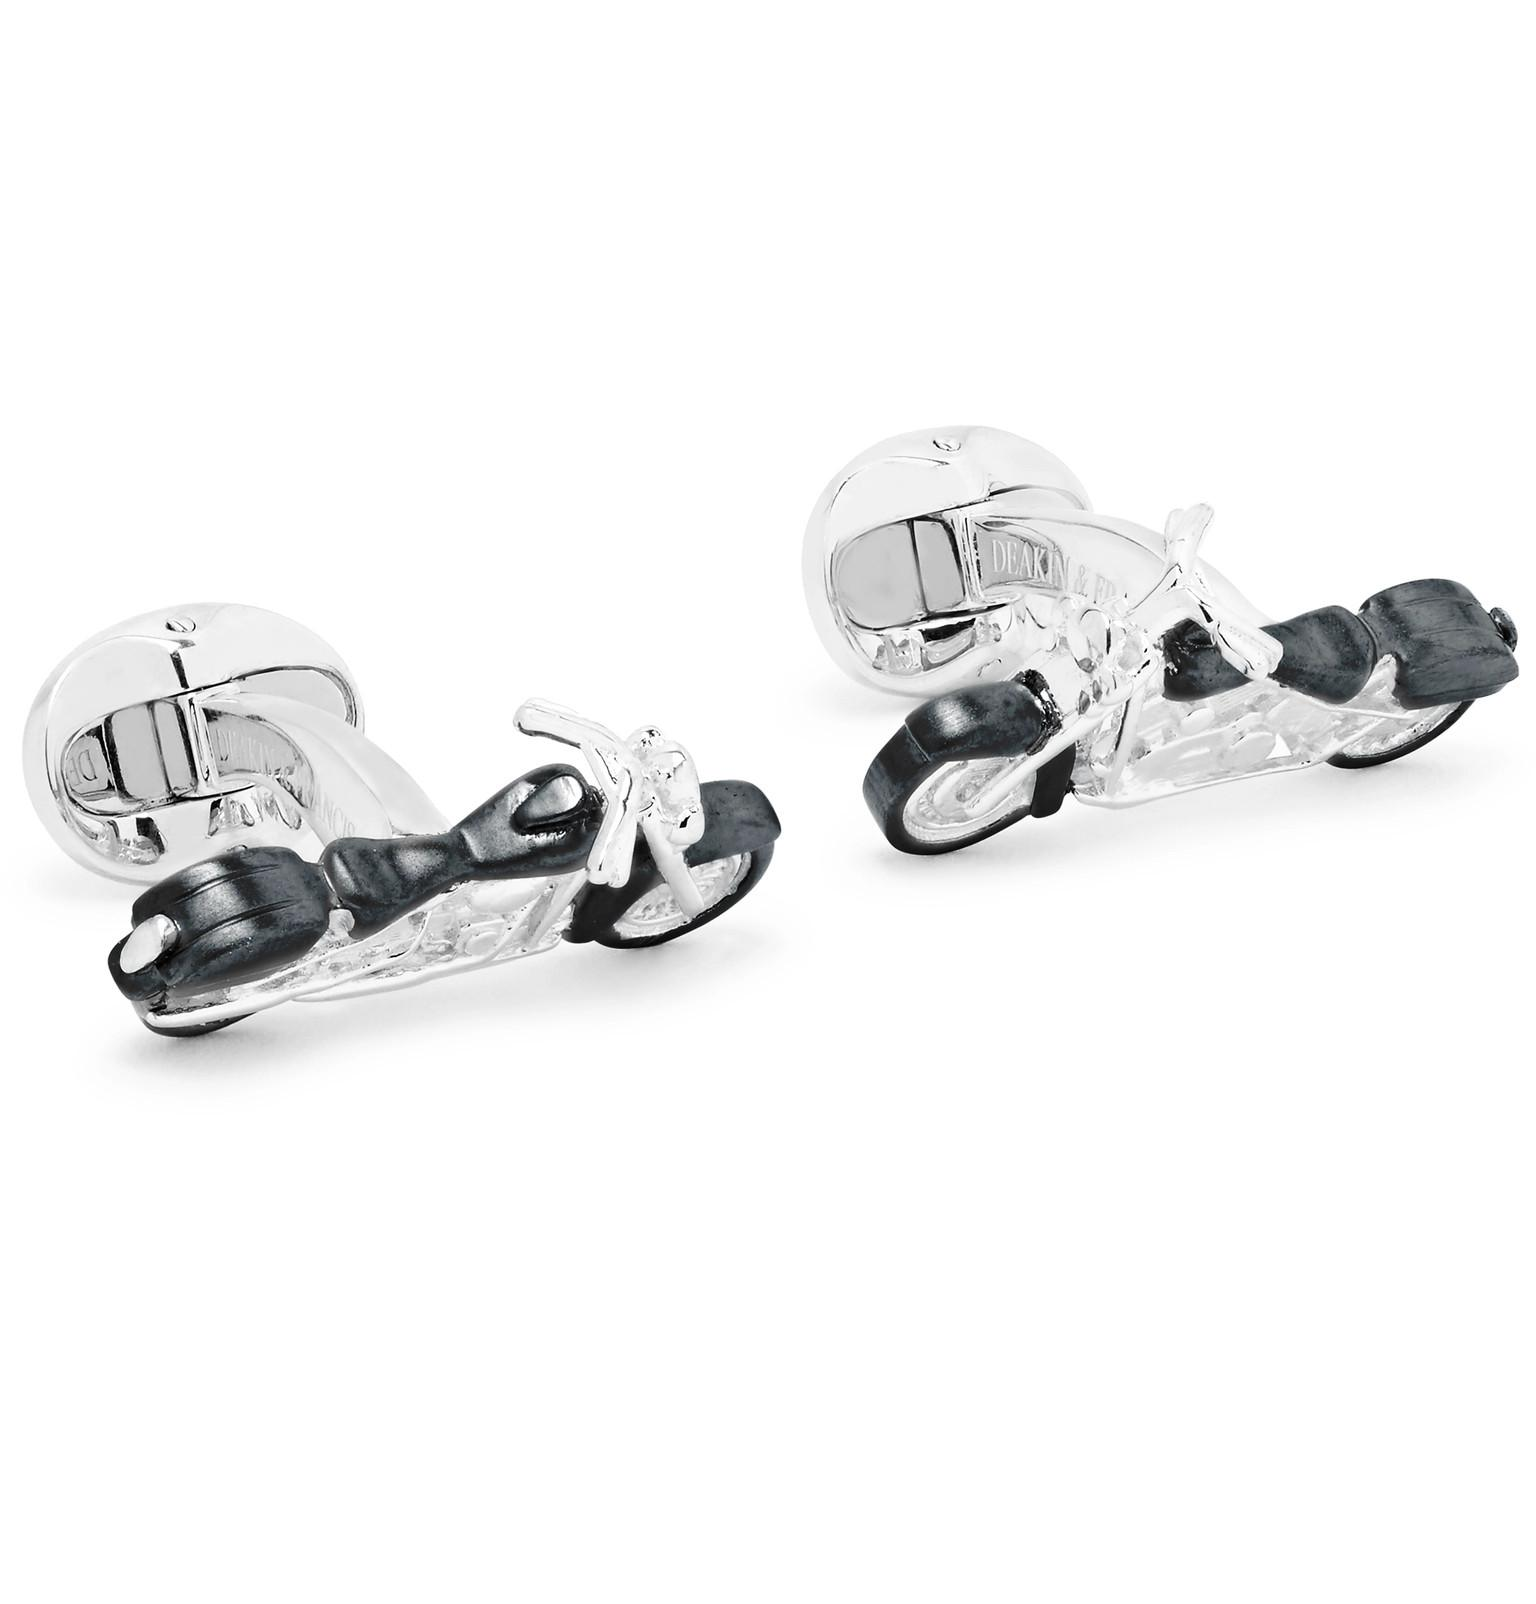 Deakin & Francis Roulette Wheel Enamelled Sterling Silver Cufflinks - Silver FqWC4Nqm2